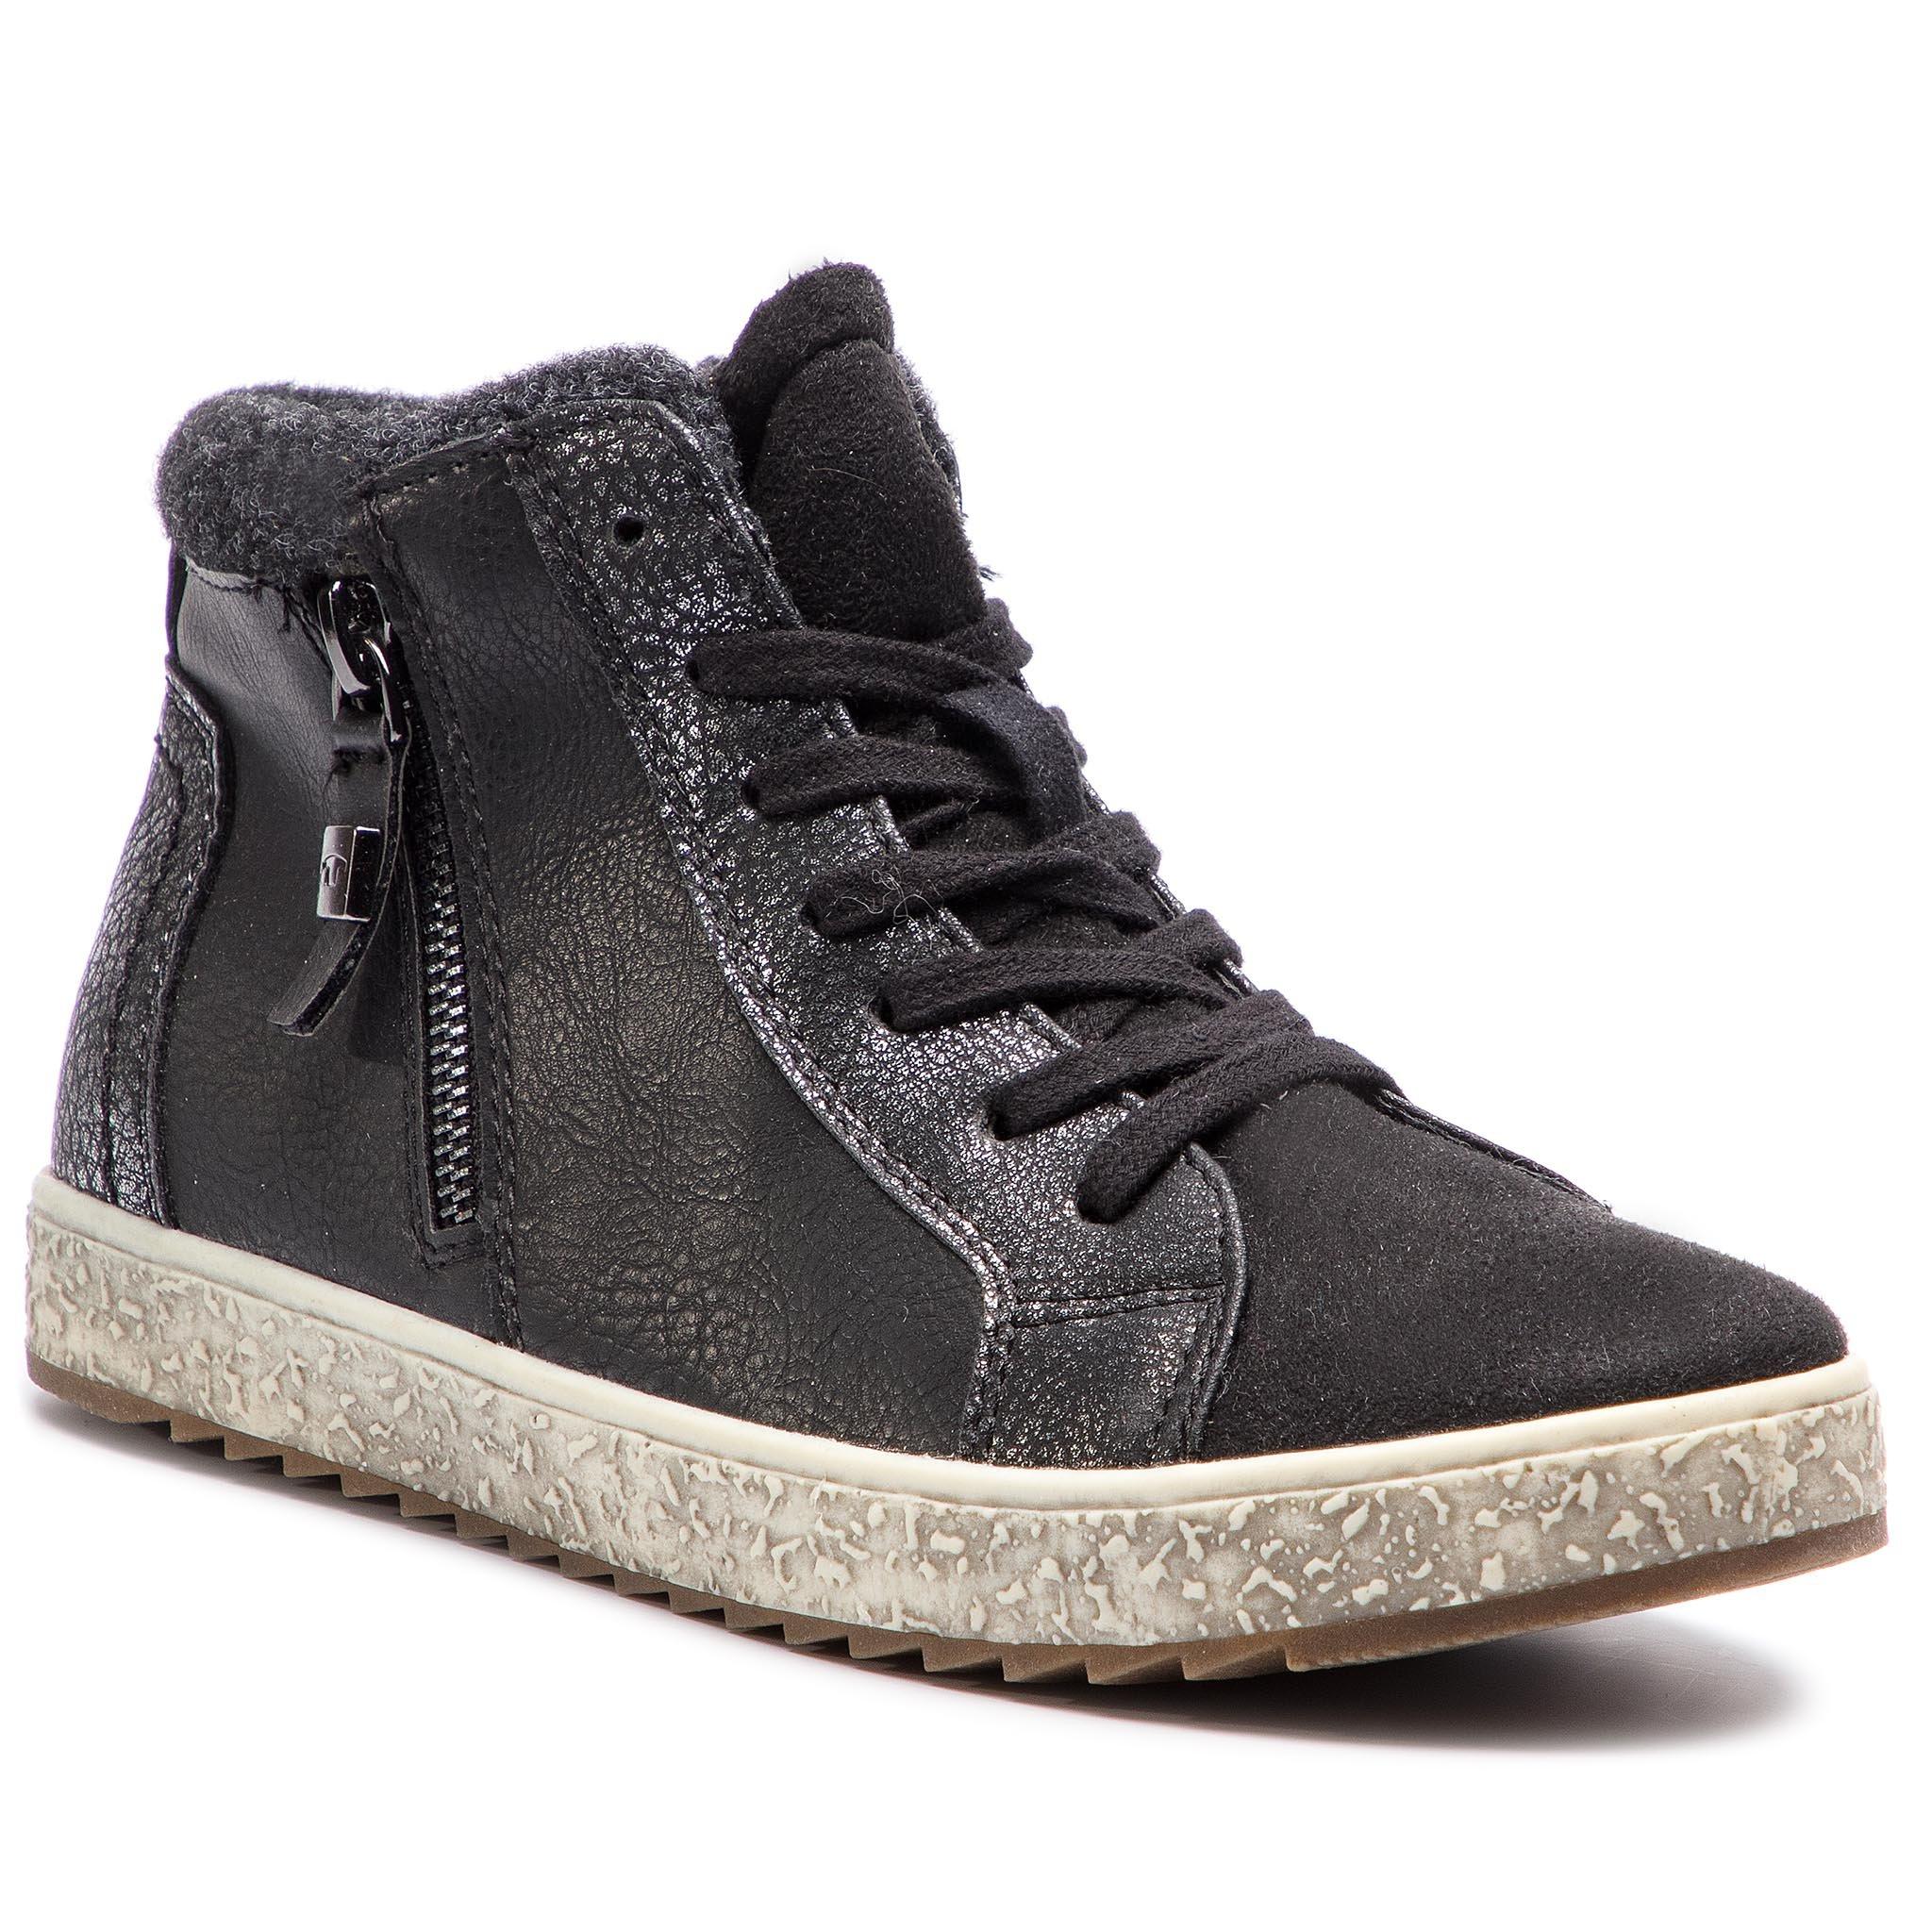 aa2d6201c73d4 Rekreačná obuv Tom Tailor 3790505 čierna Dámske - Topánky - Plátenky -  https://ccc.eu